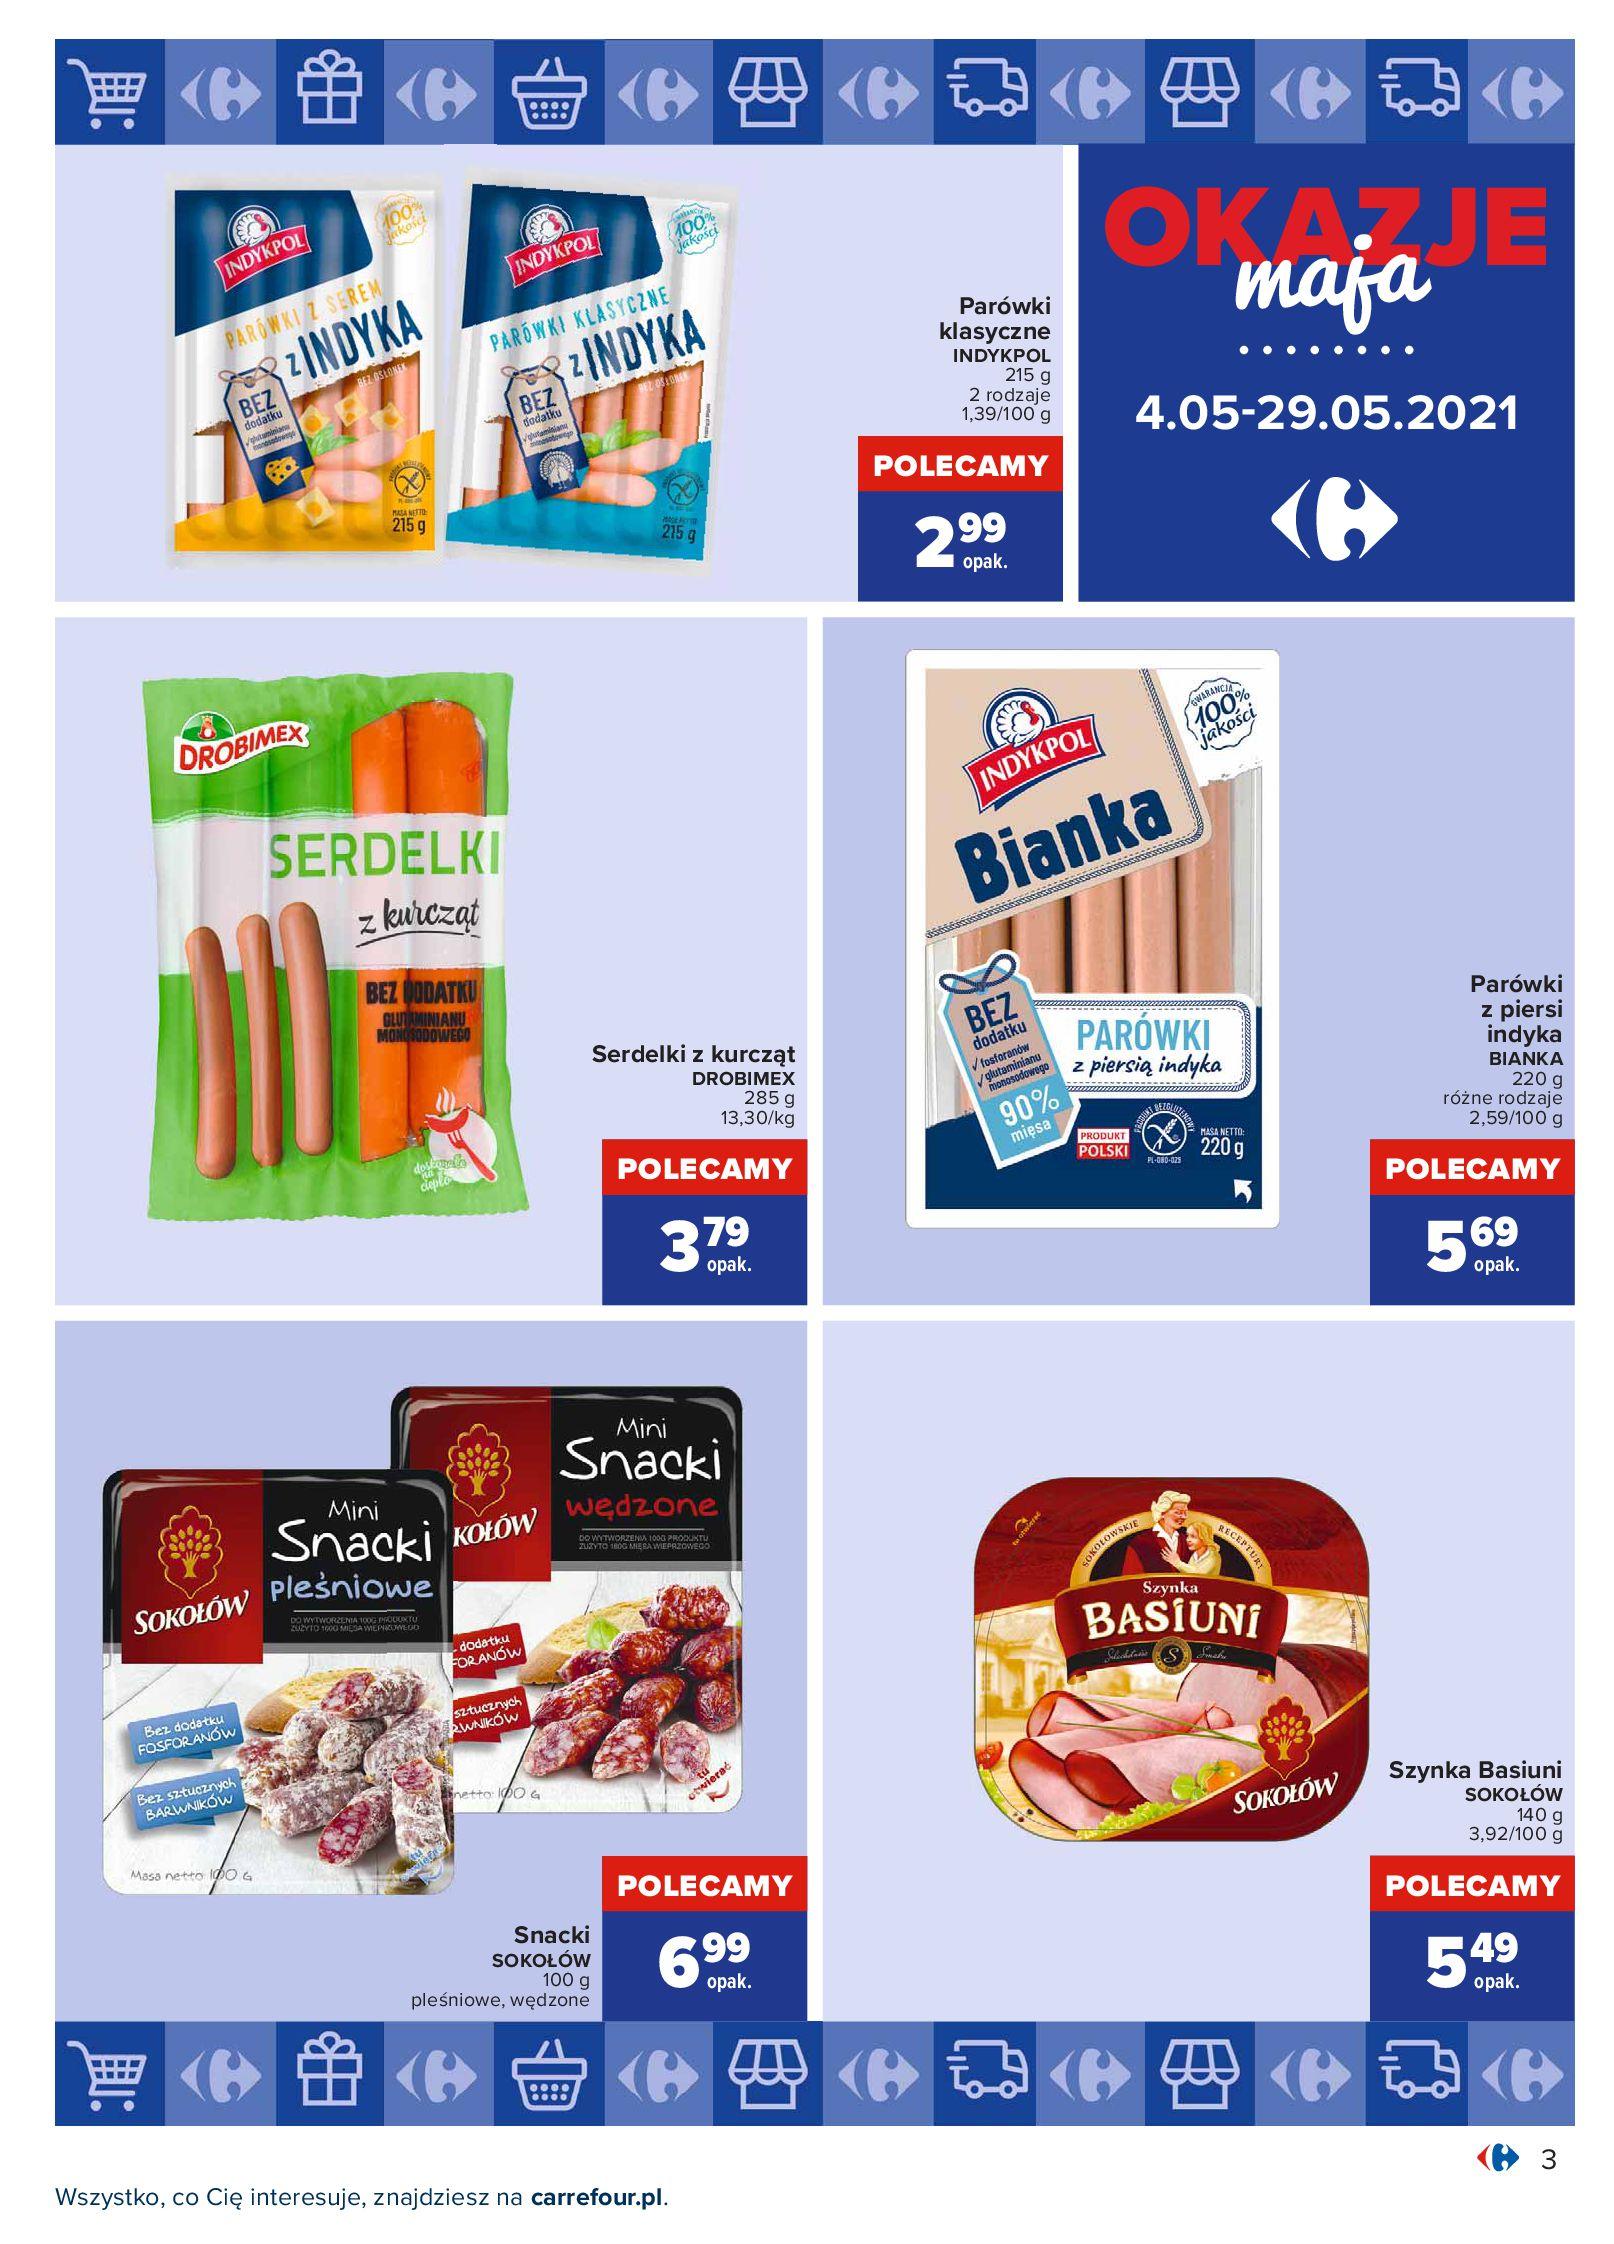 Gazetka Carrefour: Okazje maja 2021-05-04 page-3